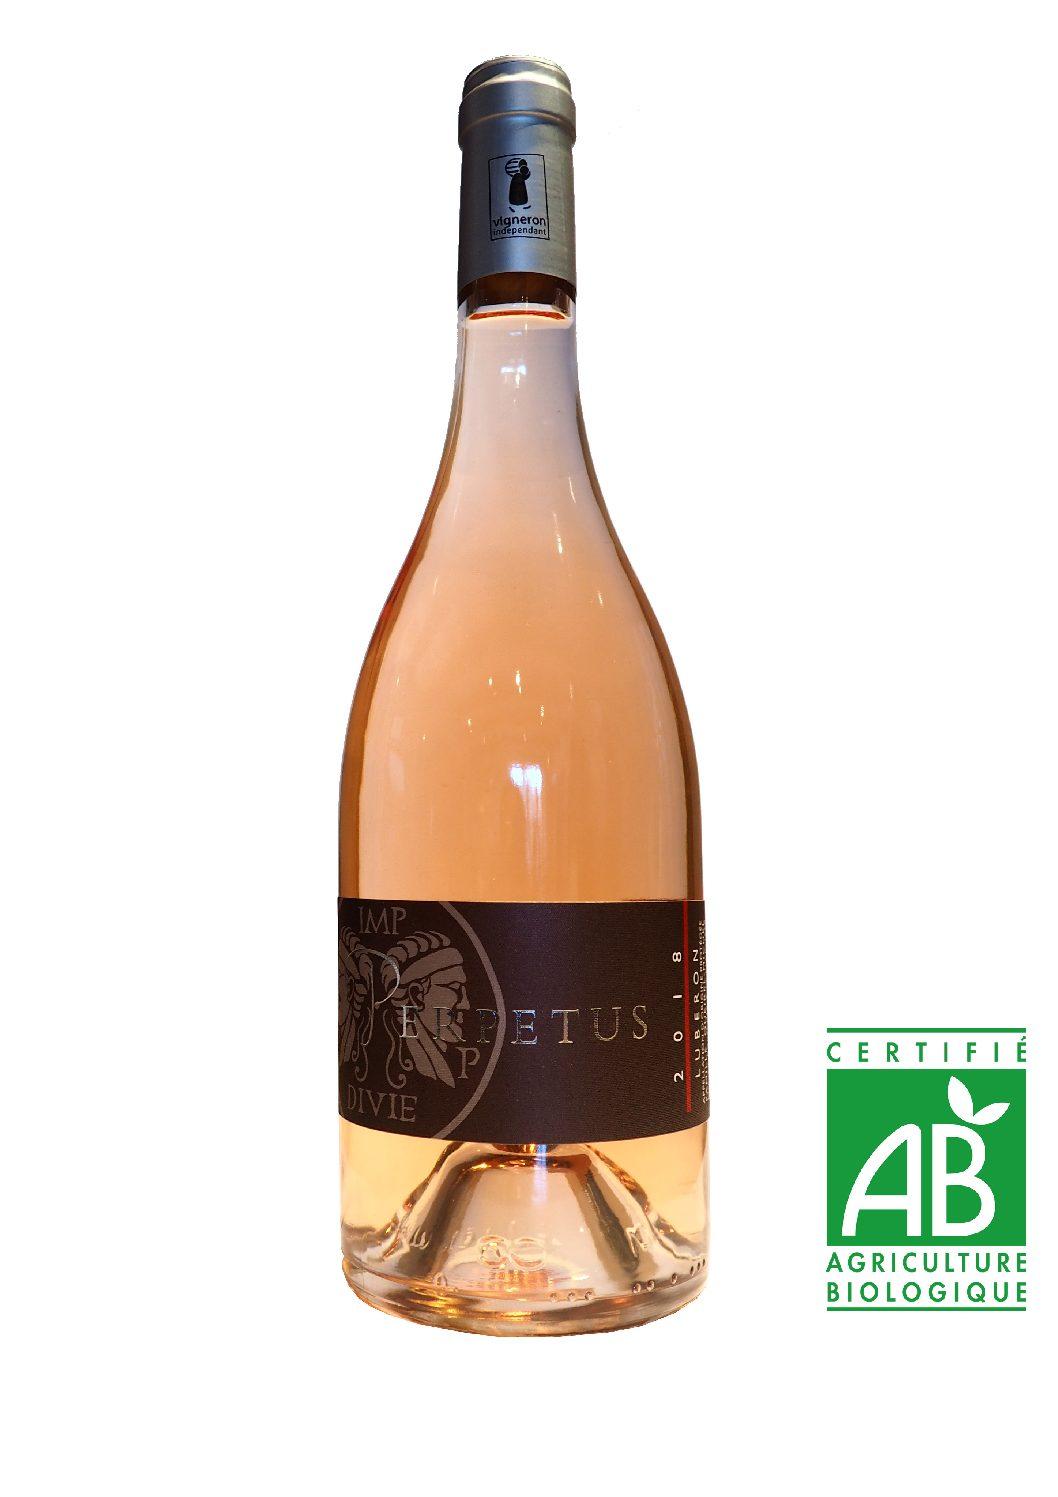 Vin rosé AOP Luberon 2018 - Bouteille 75cl